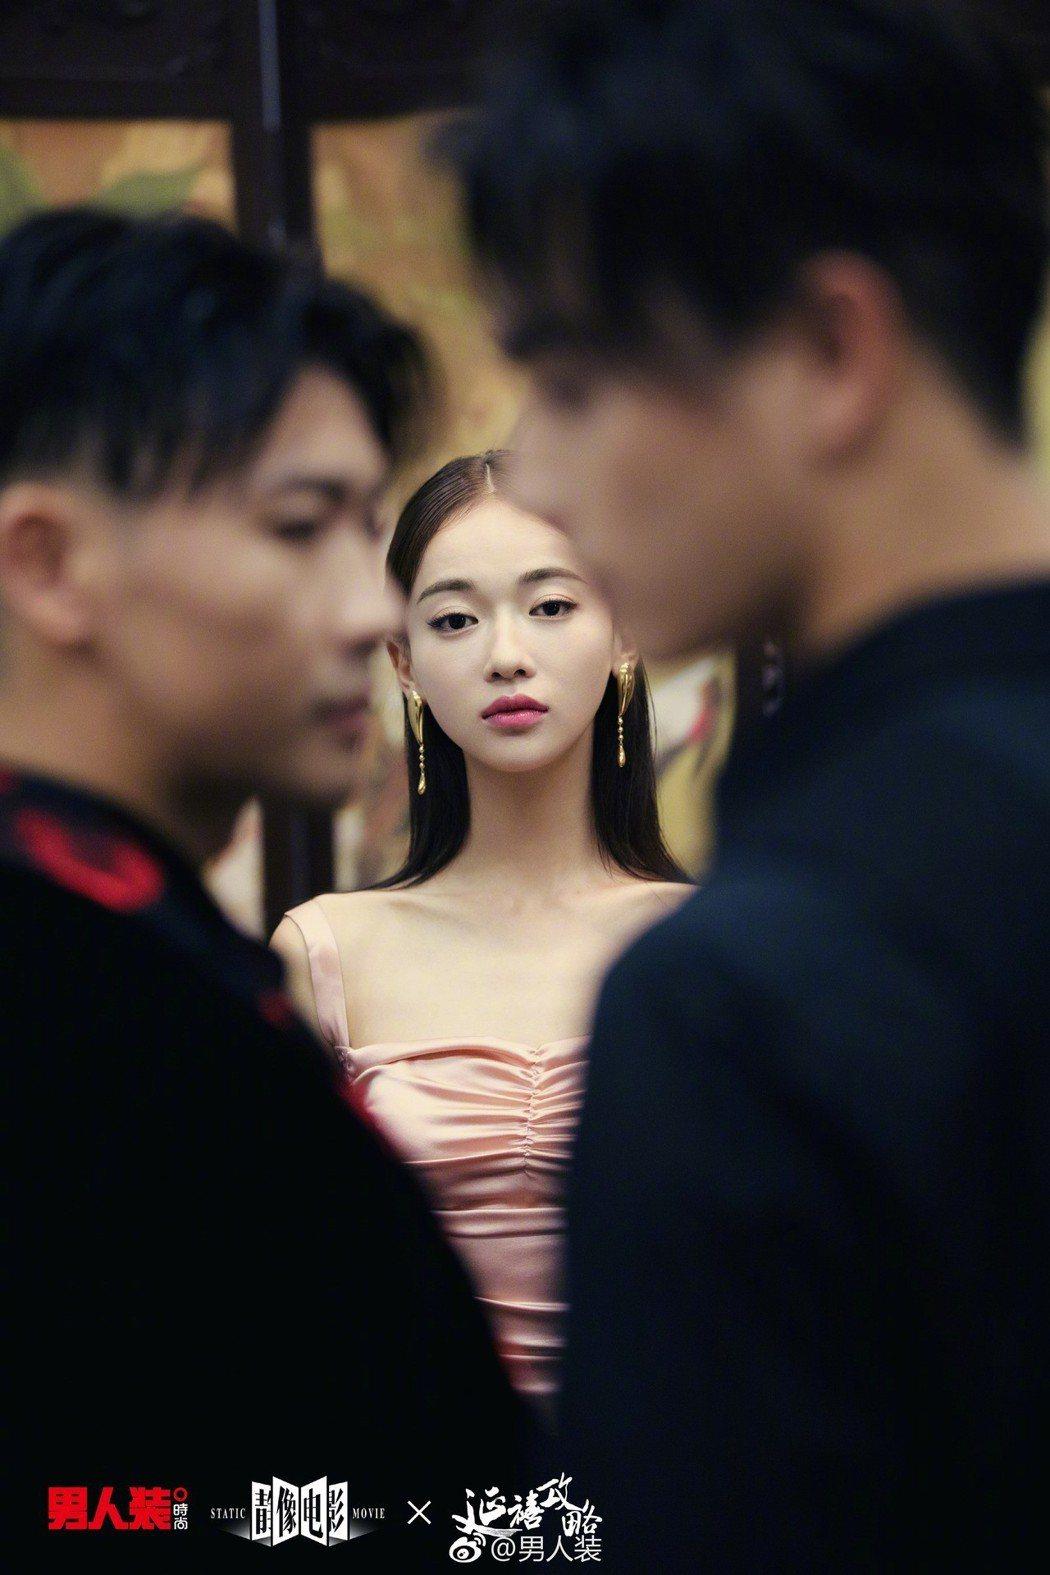 吳謹言(中)、許凱(右)、聶遠(左)為時尚雜誌拍照。 圖/擷自男人裝微博